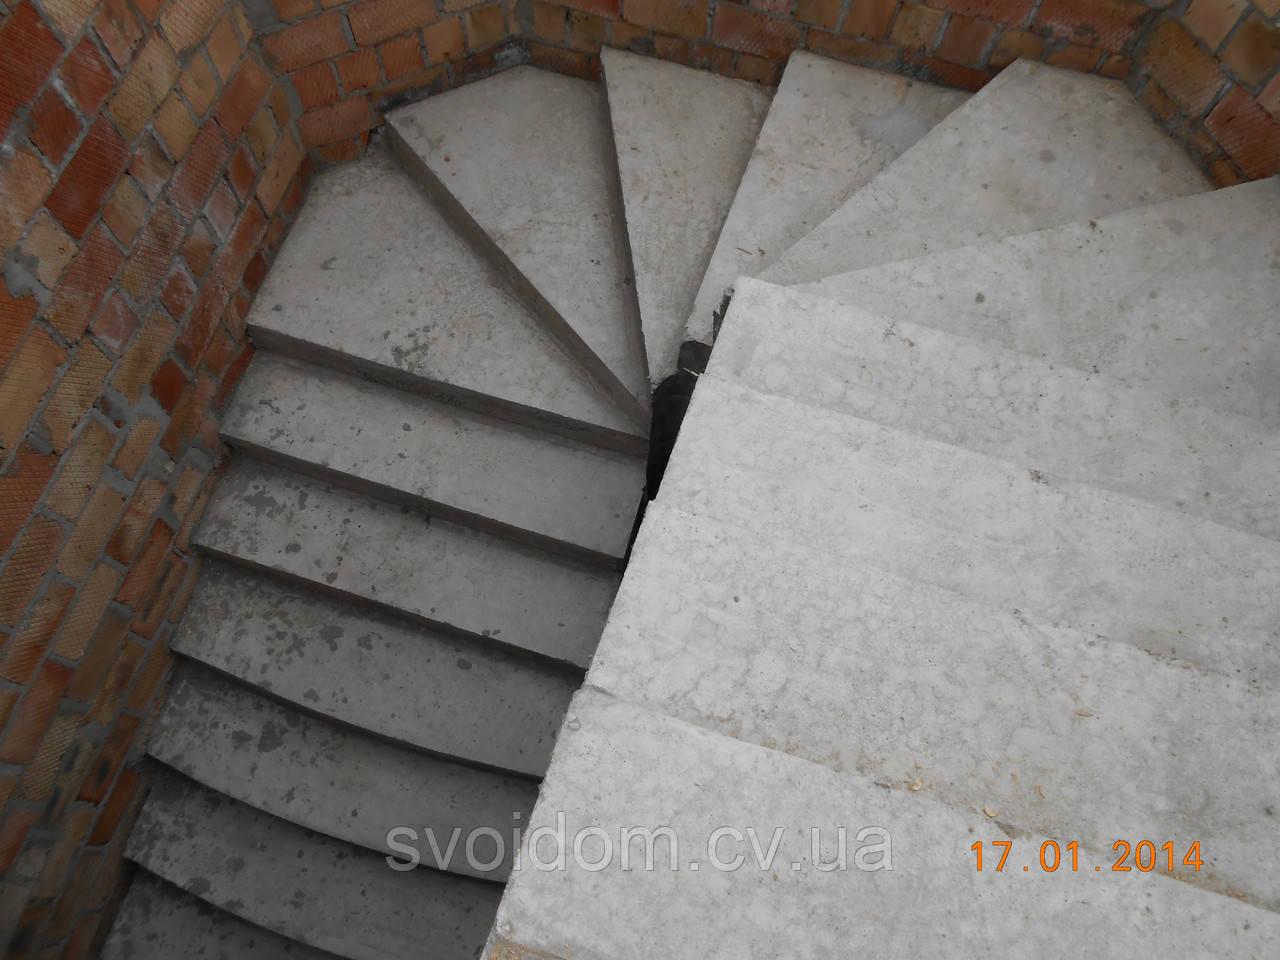 Лестницы бетонные винтовые и прямые